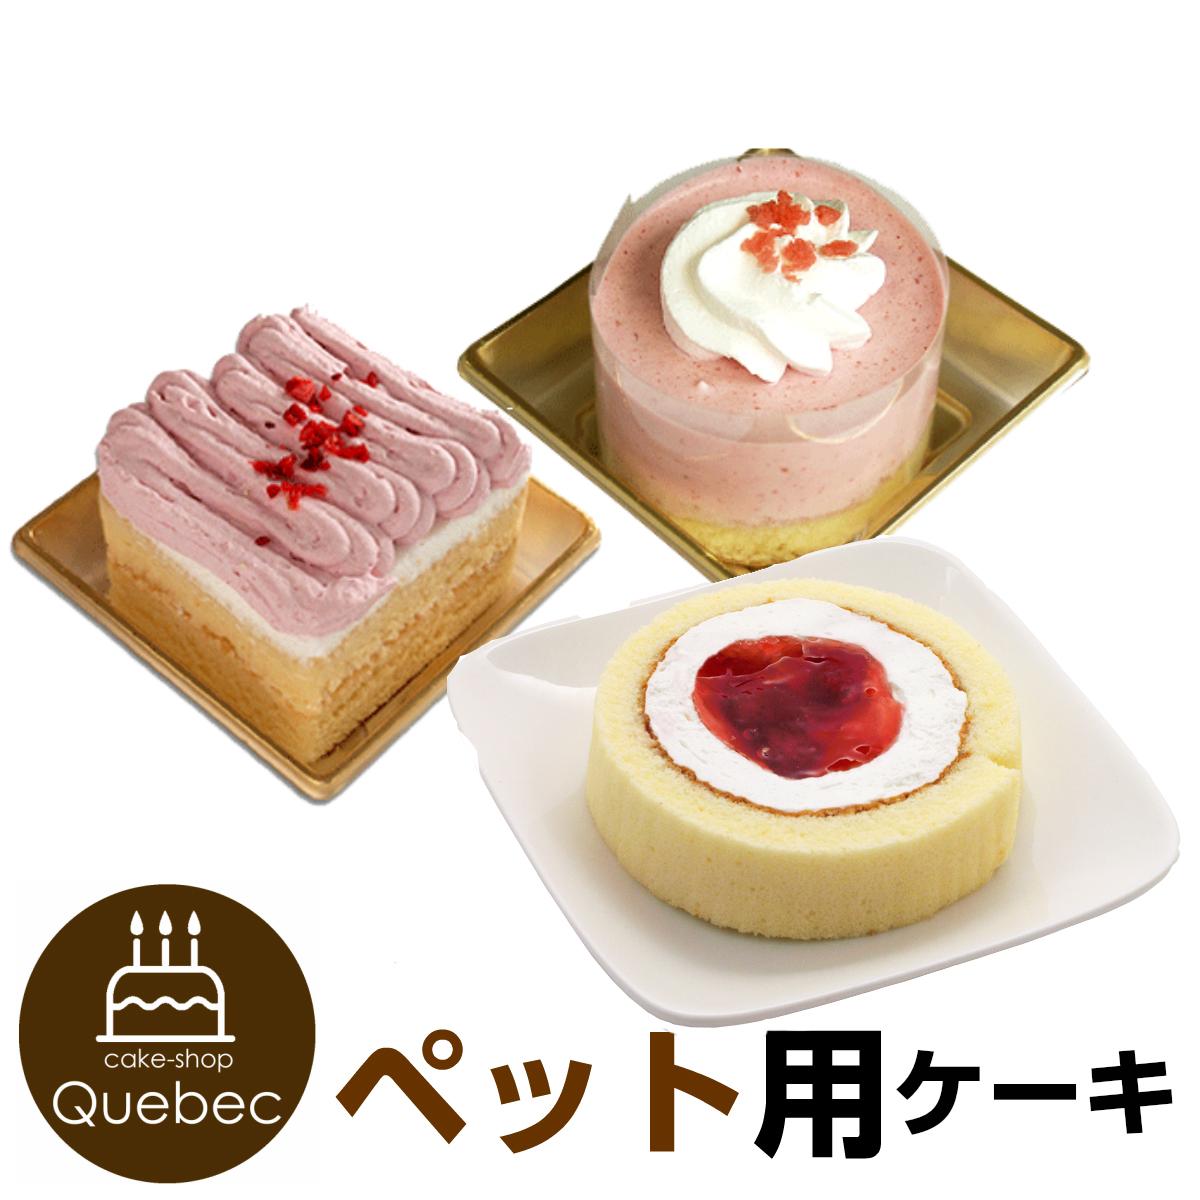 飼い主様も一緒にお召し上がりいただけるスイーツ誕生日ケーキ バースデーケーキパーティケーキ ケーキ詰合せ お得セット ケーキセット ペットケーキ 冷凍ケーキ コミフ いちごケーキ 誕生日ケーキ 3種類セット 送料無料 バースデーケーキ 正規取扱店 犬用 ワンちゃん用 ※一部地域除く